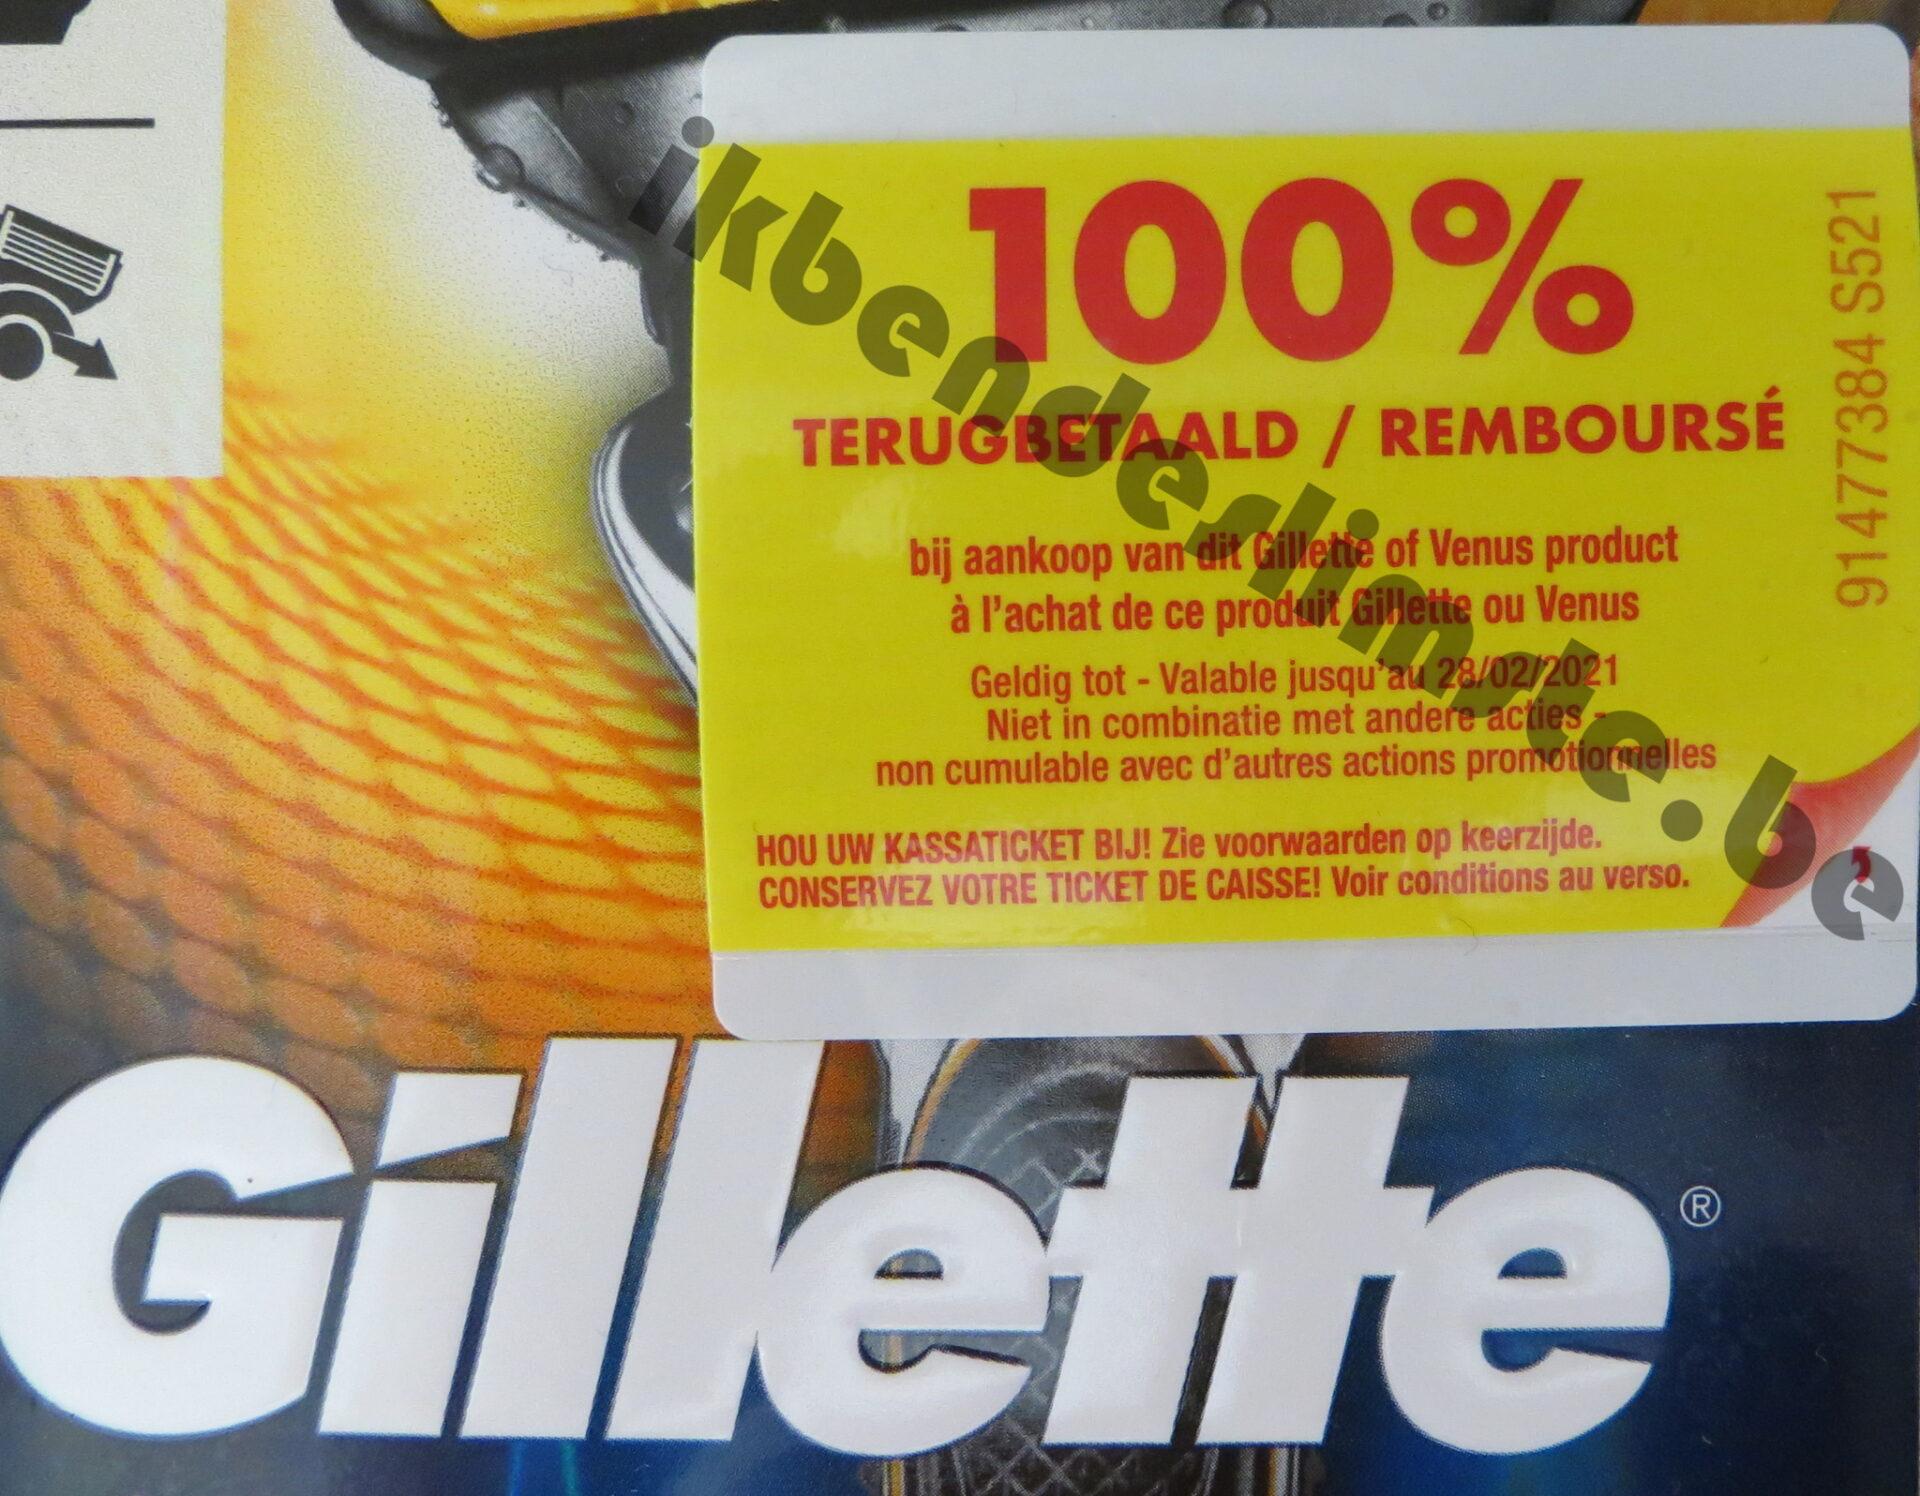 Gillette of Venus scheerapparaat 100% terugbetaald